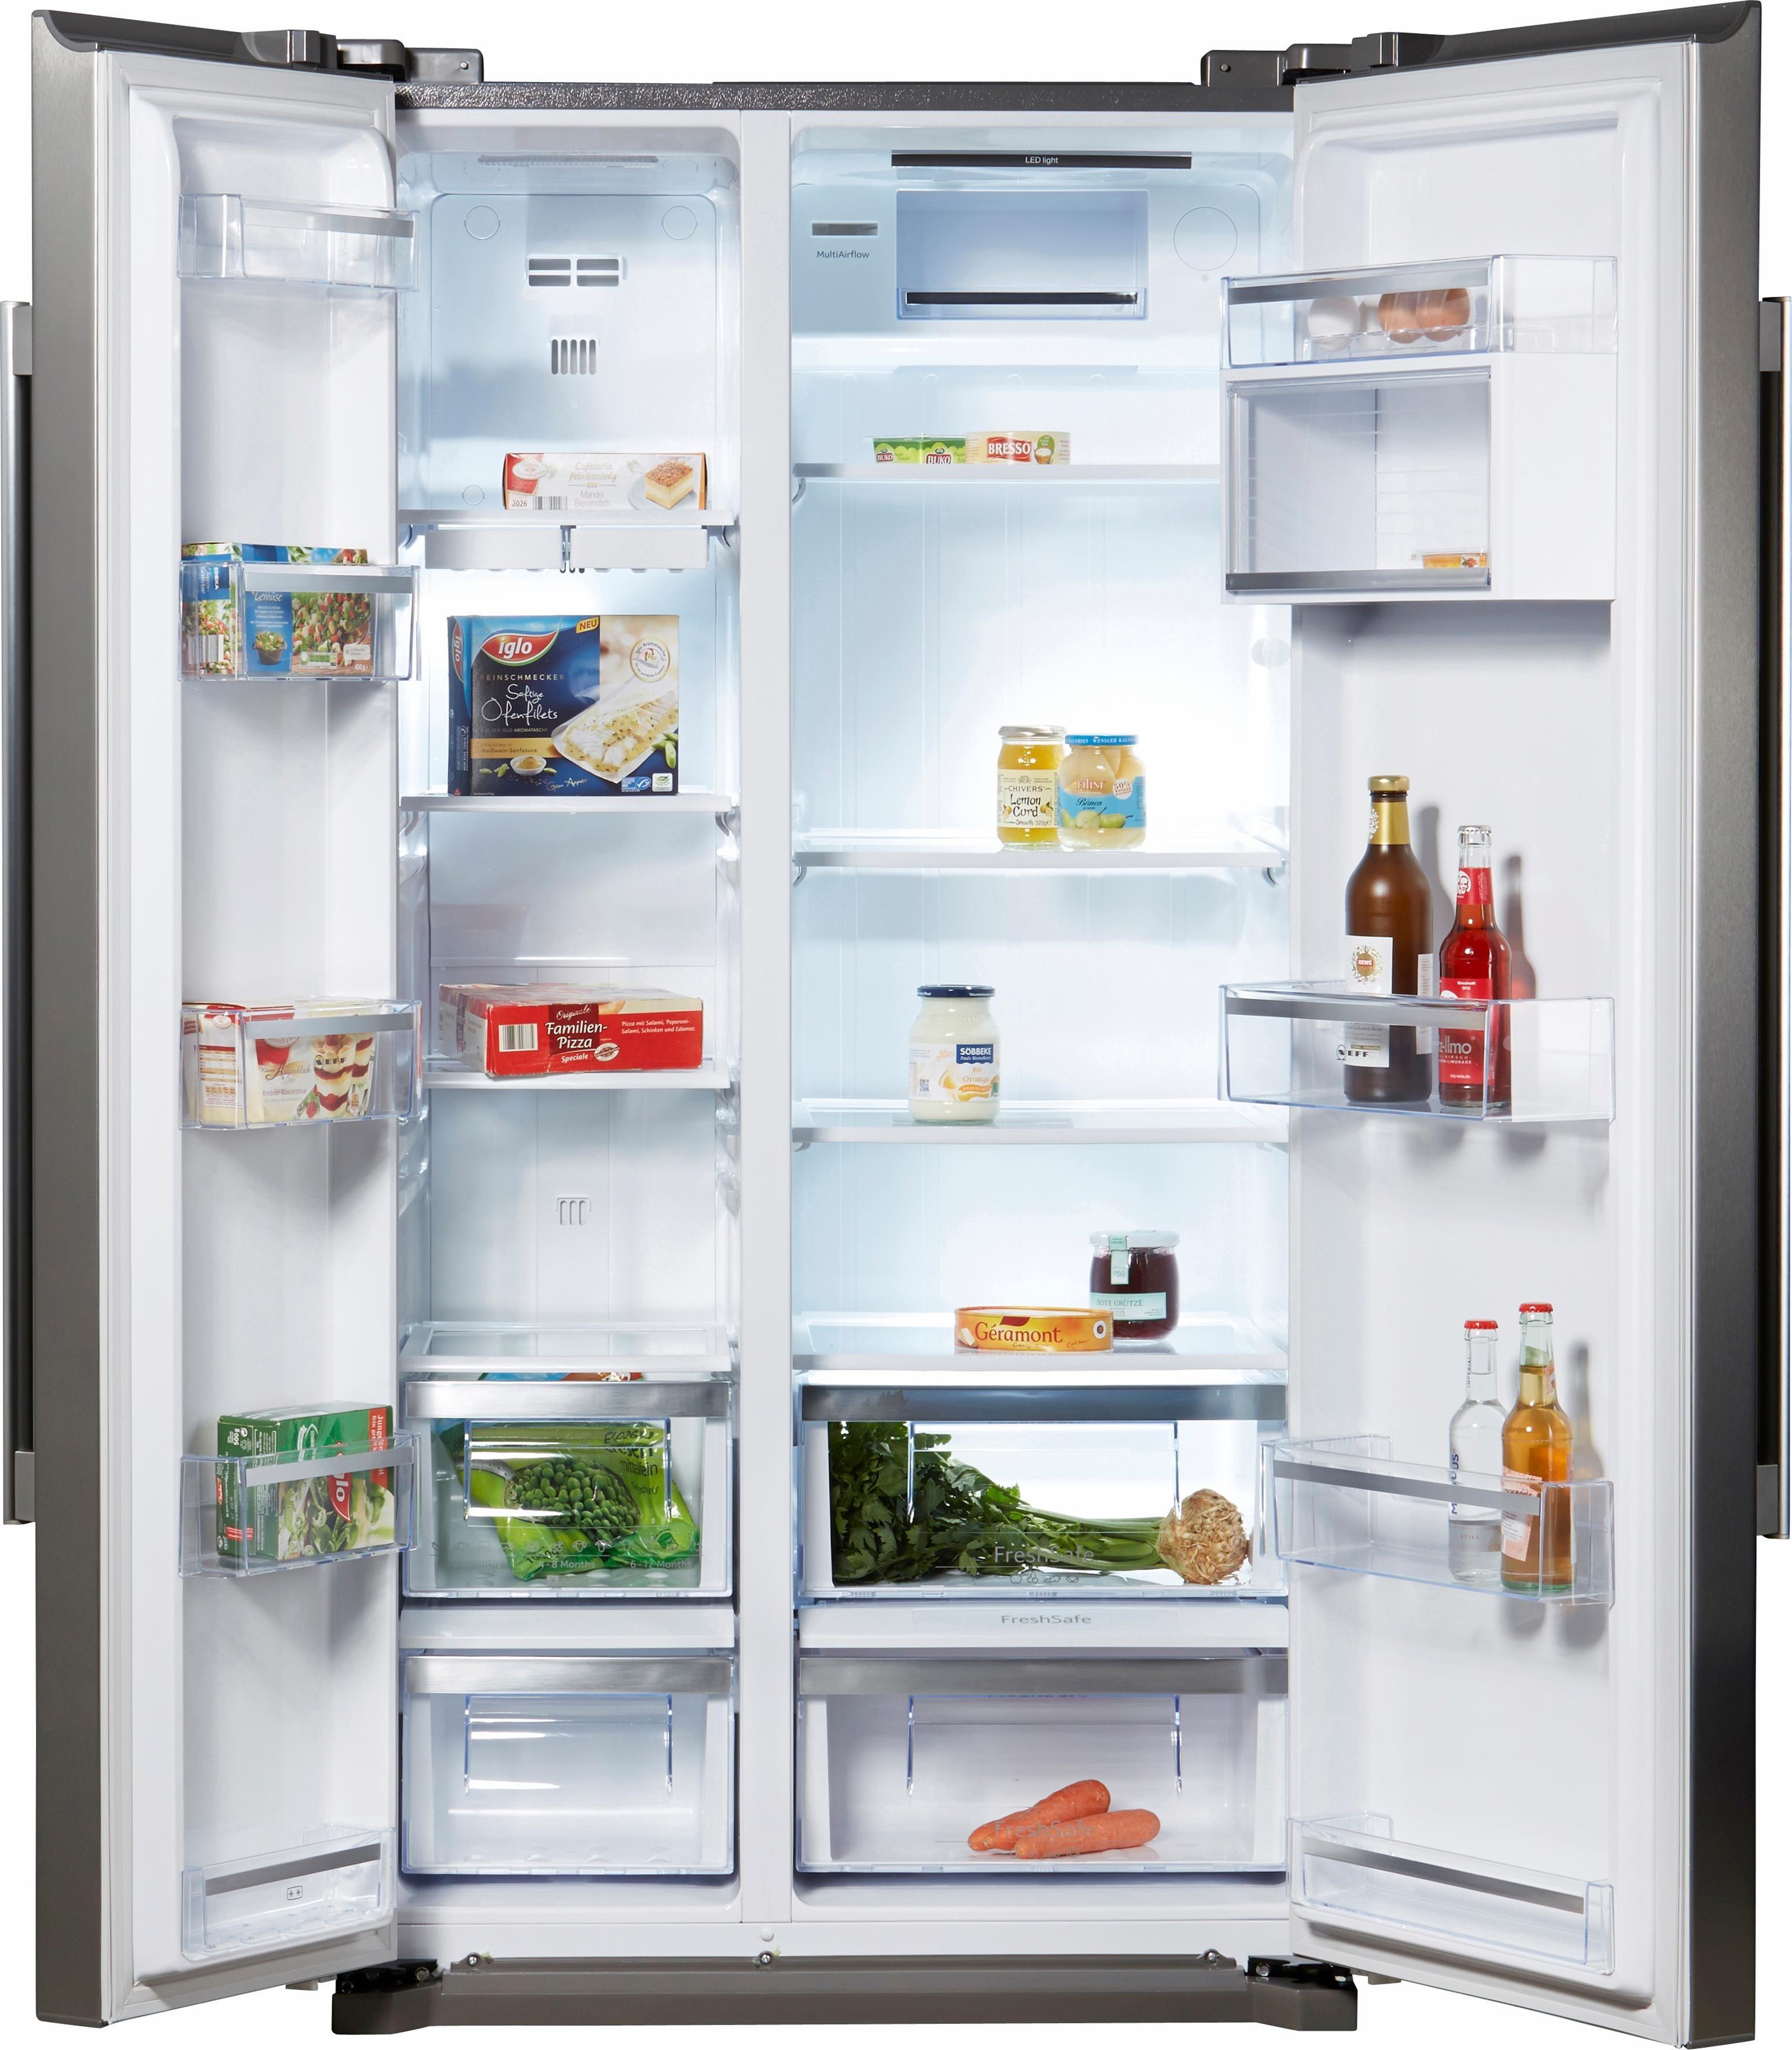 Kühlschrank Side By Side Preisvergleich • Die besten Angebote online ...